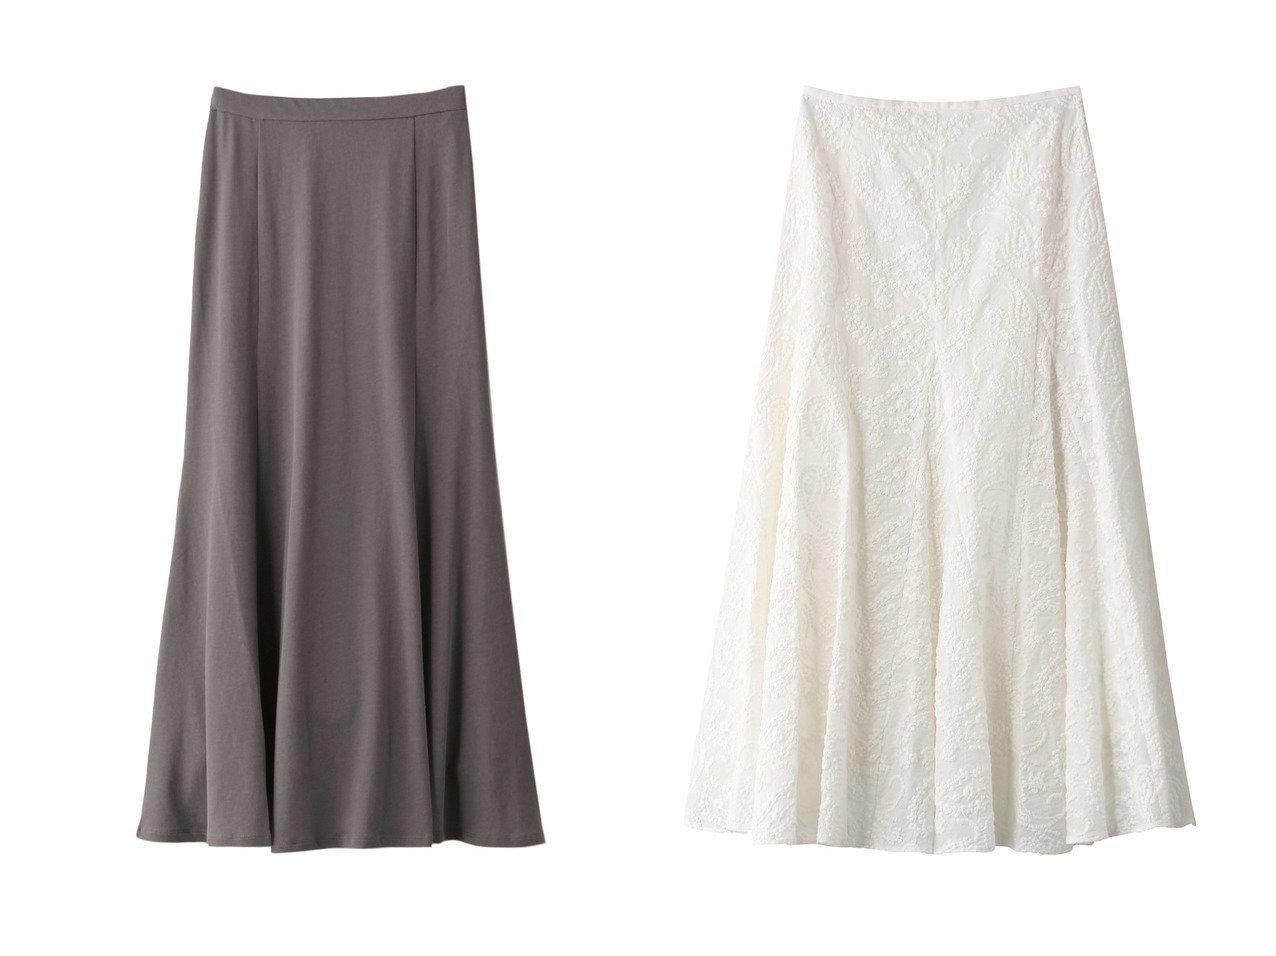 【JET/ジェット】の【JET LOSANGELES】コットンフレアスカート&【ANAYI/アナイ】のペイズリーエンブロイダリースカート 【スカート】おすすめ!人気、トレンド・レディースファッションの通販 おすすめで人気の流行・トレンド、ファッションの通販商品 インテリア・家具・メンズファッション・キッズファッション・レディースファッション・服の通販 founy(ファニー) https://founy.com/ ファッション Fashion レディースファッション WOMEN スカート Skirt Aライン/フレアスカート Flared A-Line Skirts S/S・春夏 SS・Spring/Summer パーティ ペイズリー ロング 夏 Summer 春 Spring ガーリー スリム フレア ベーシック  ID:crp329100000048105